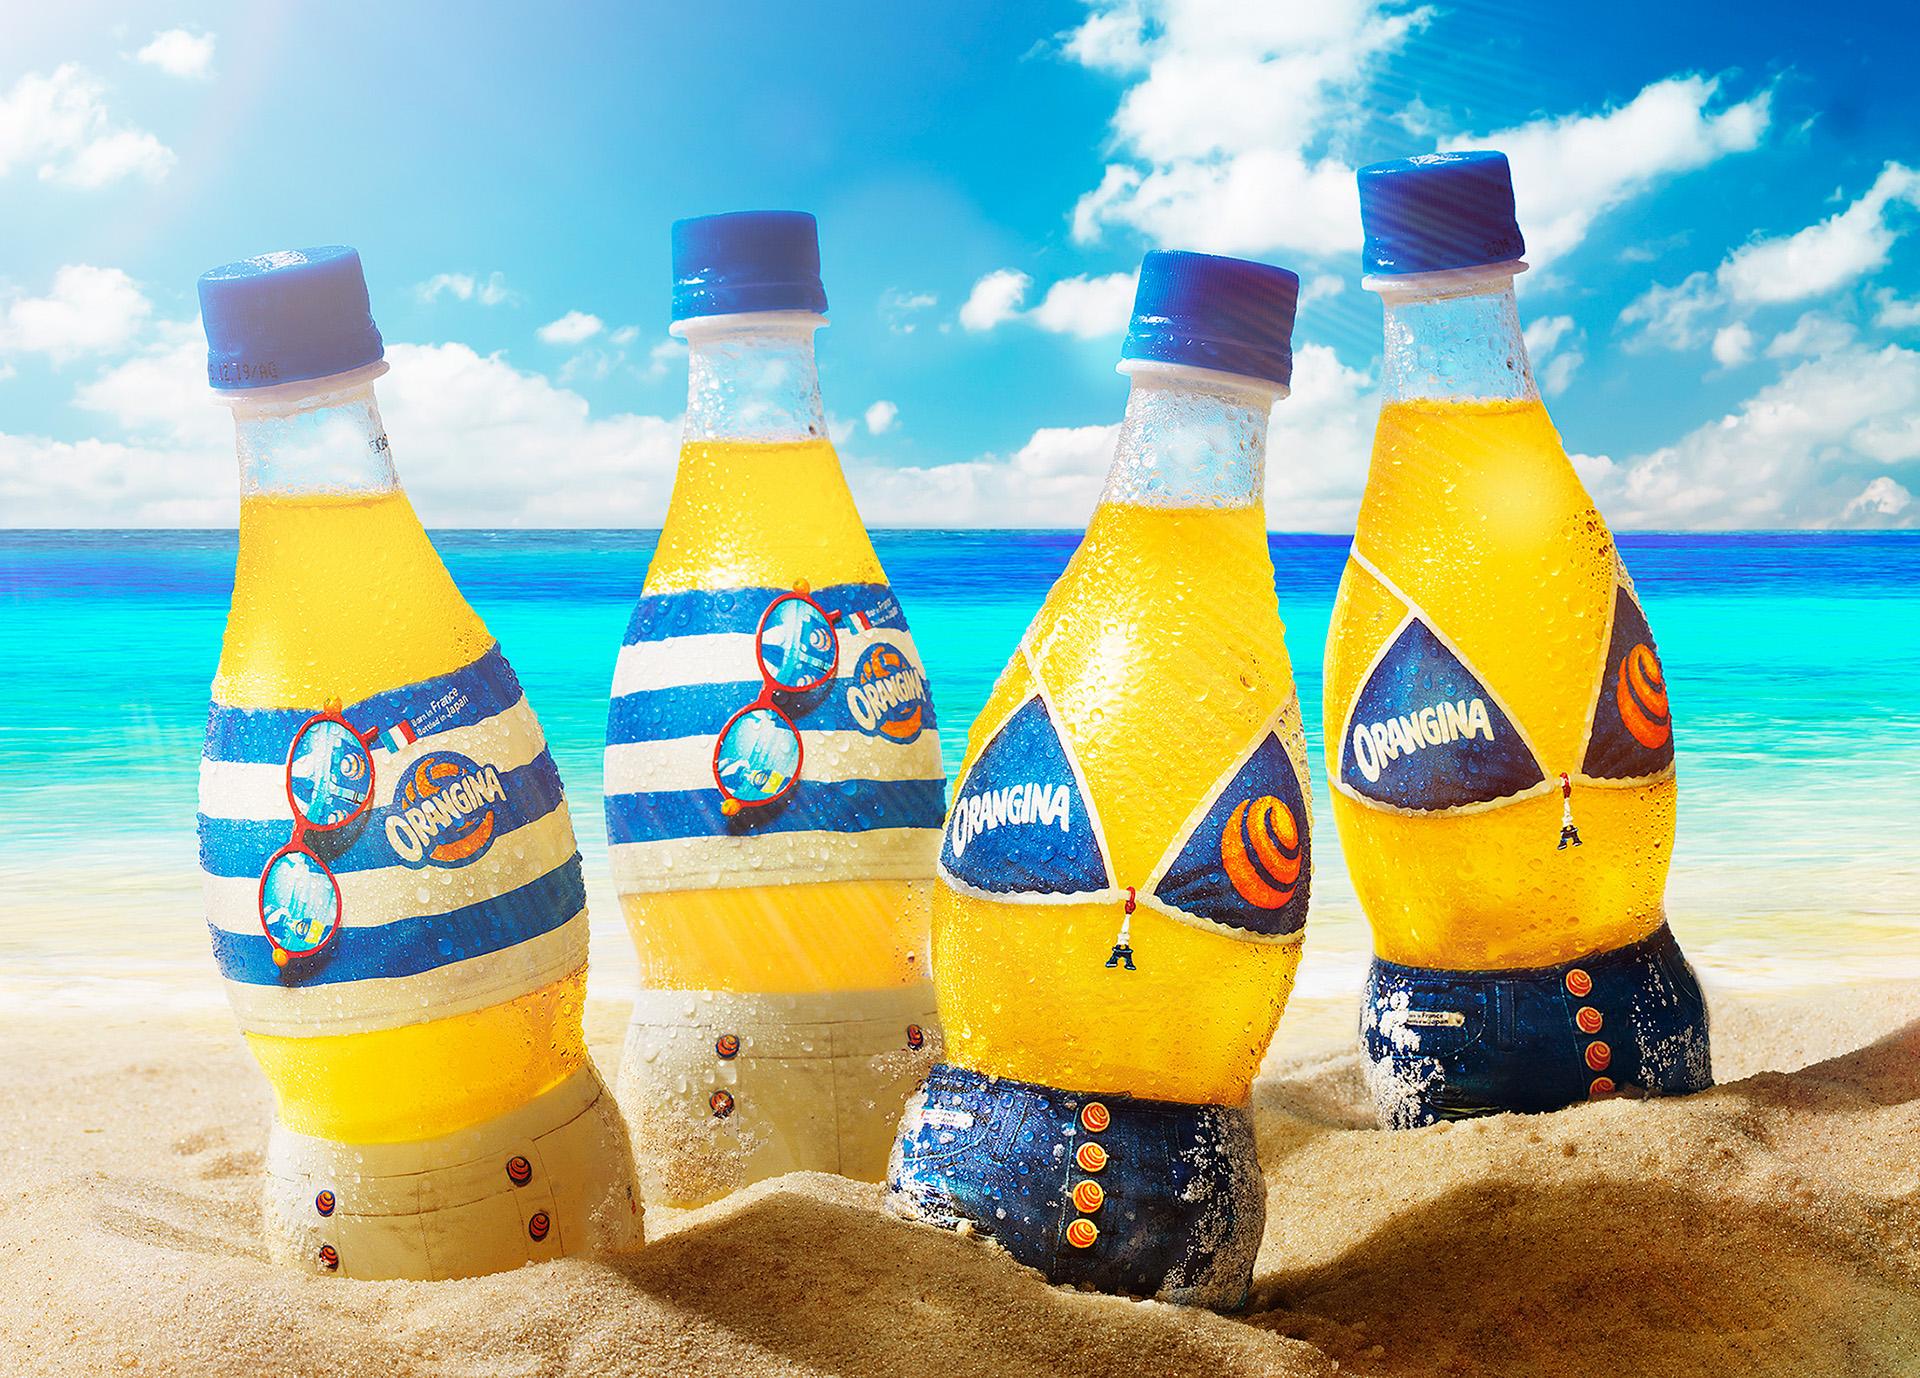 Orangina's Limited Summer Label Packaging Design